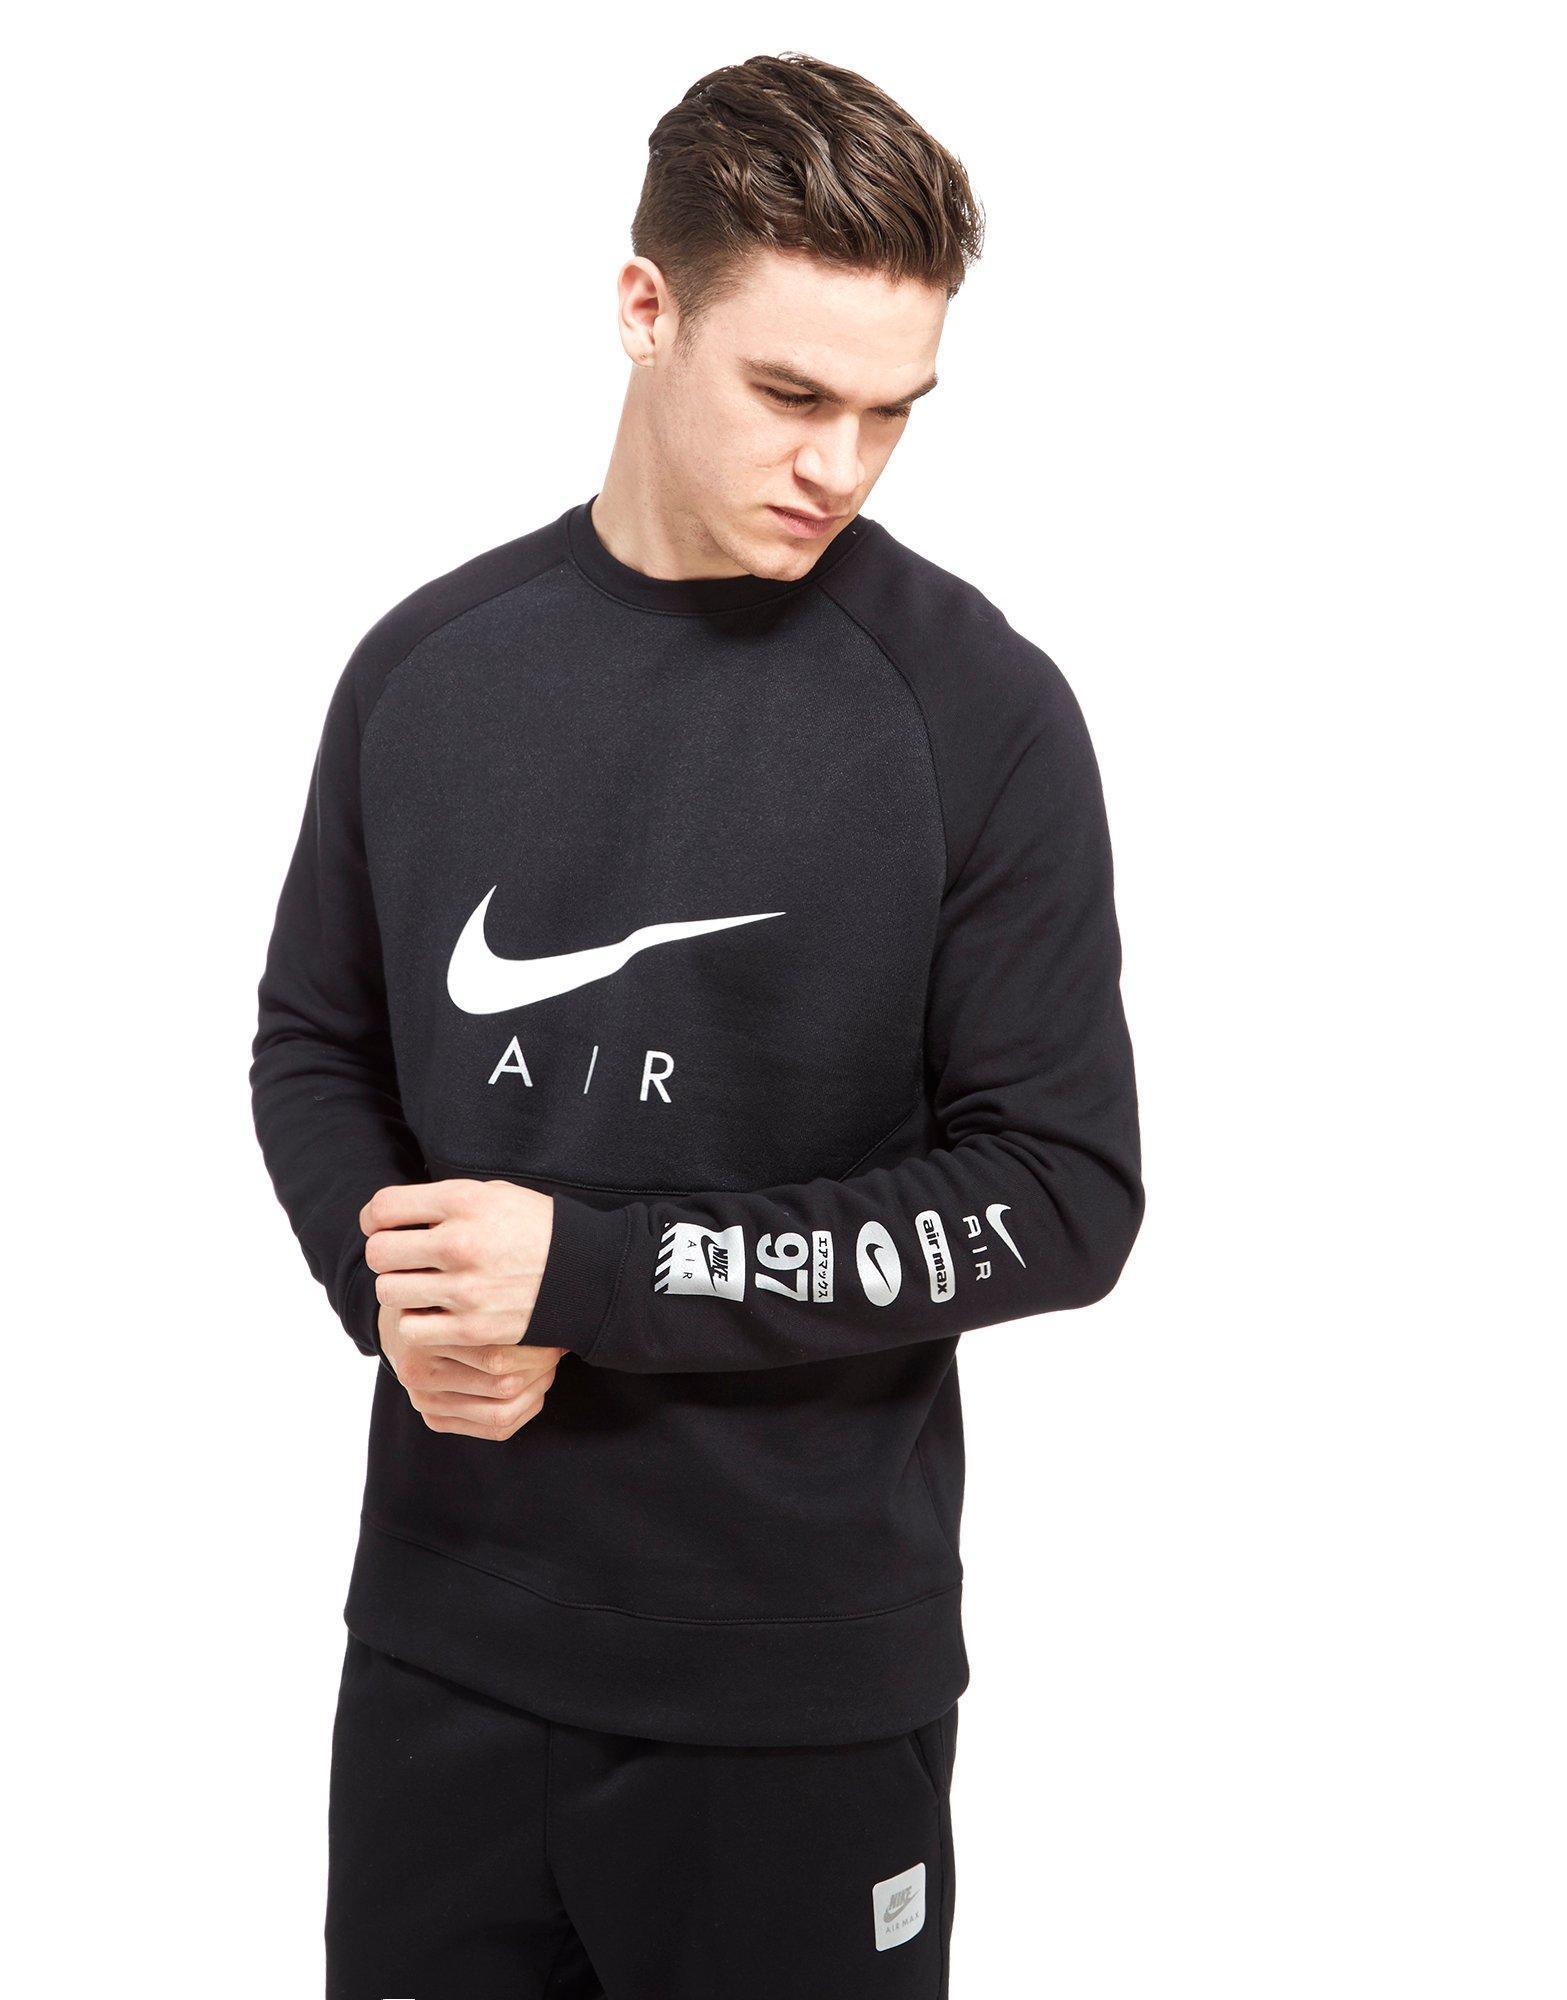 Nike Air Hybrid Crew Sweatshirt in Black for Men